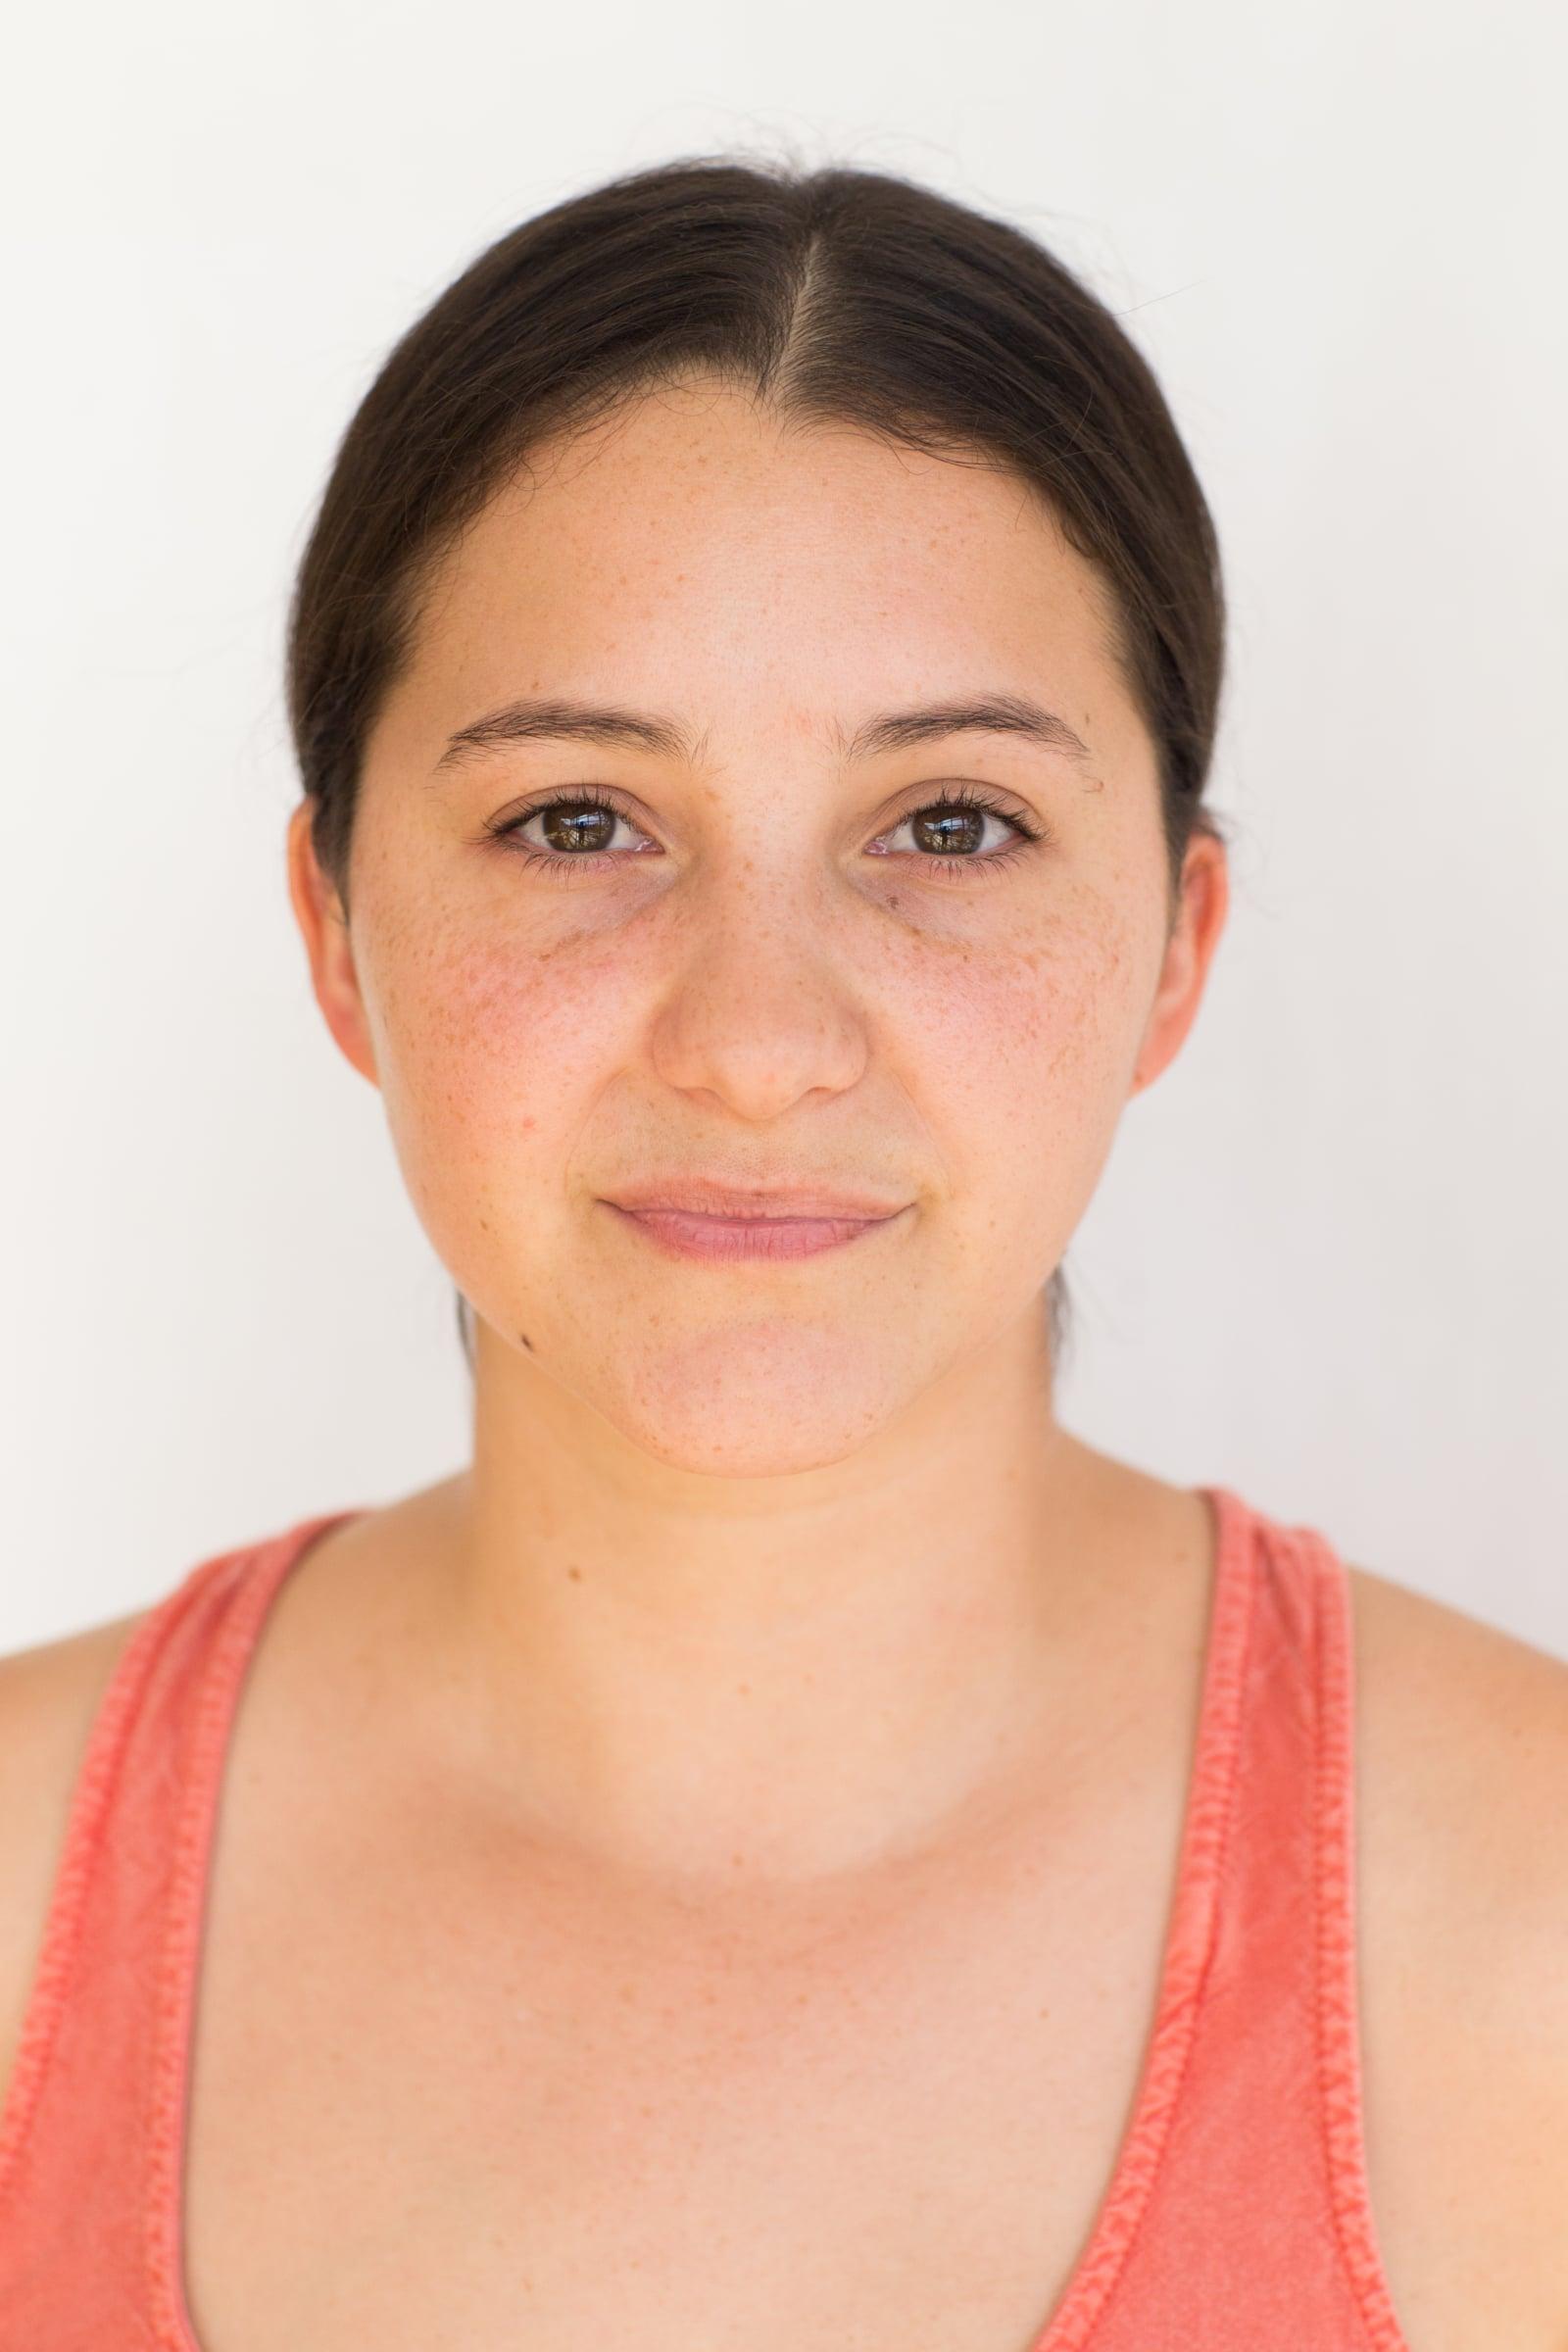 The No Makeup-Makeup Redux - Travel Curator